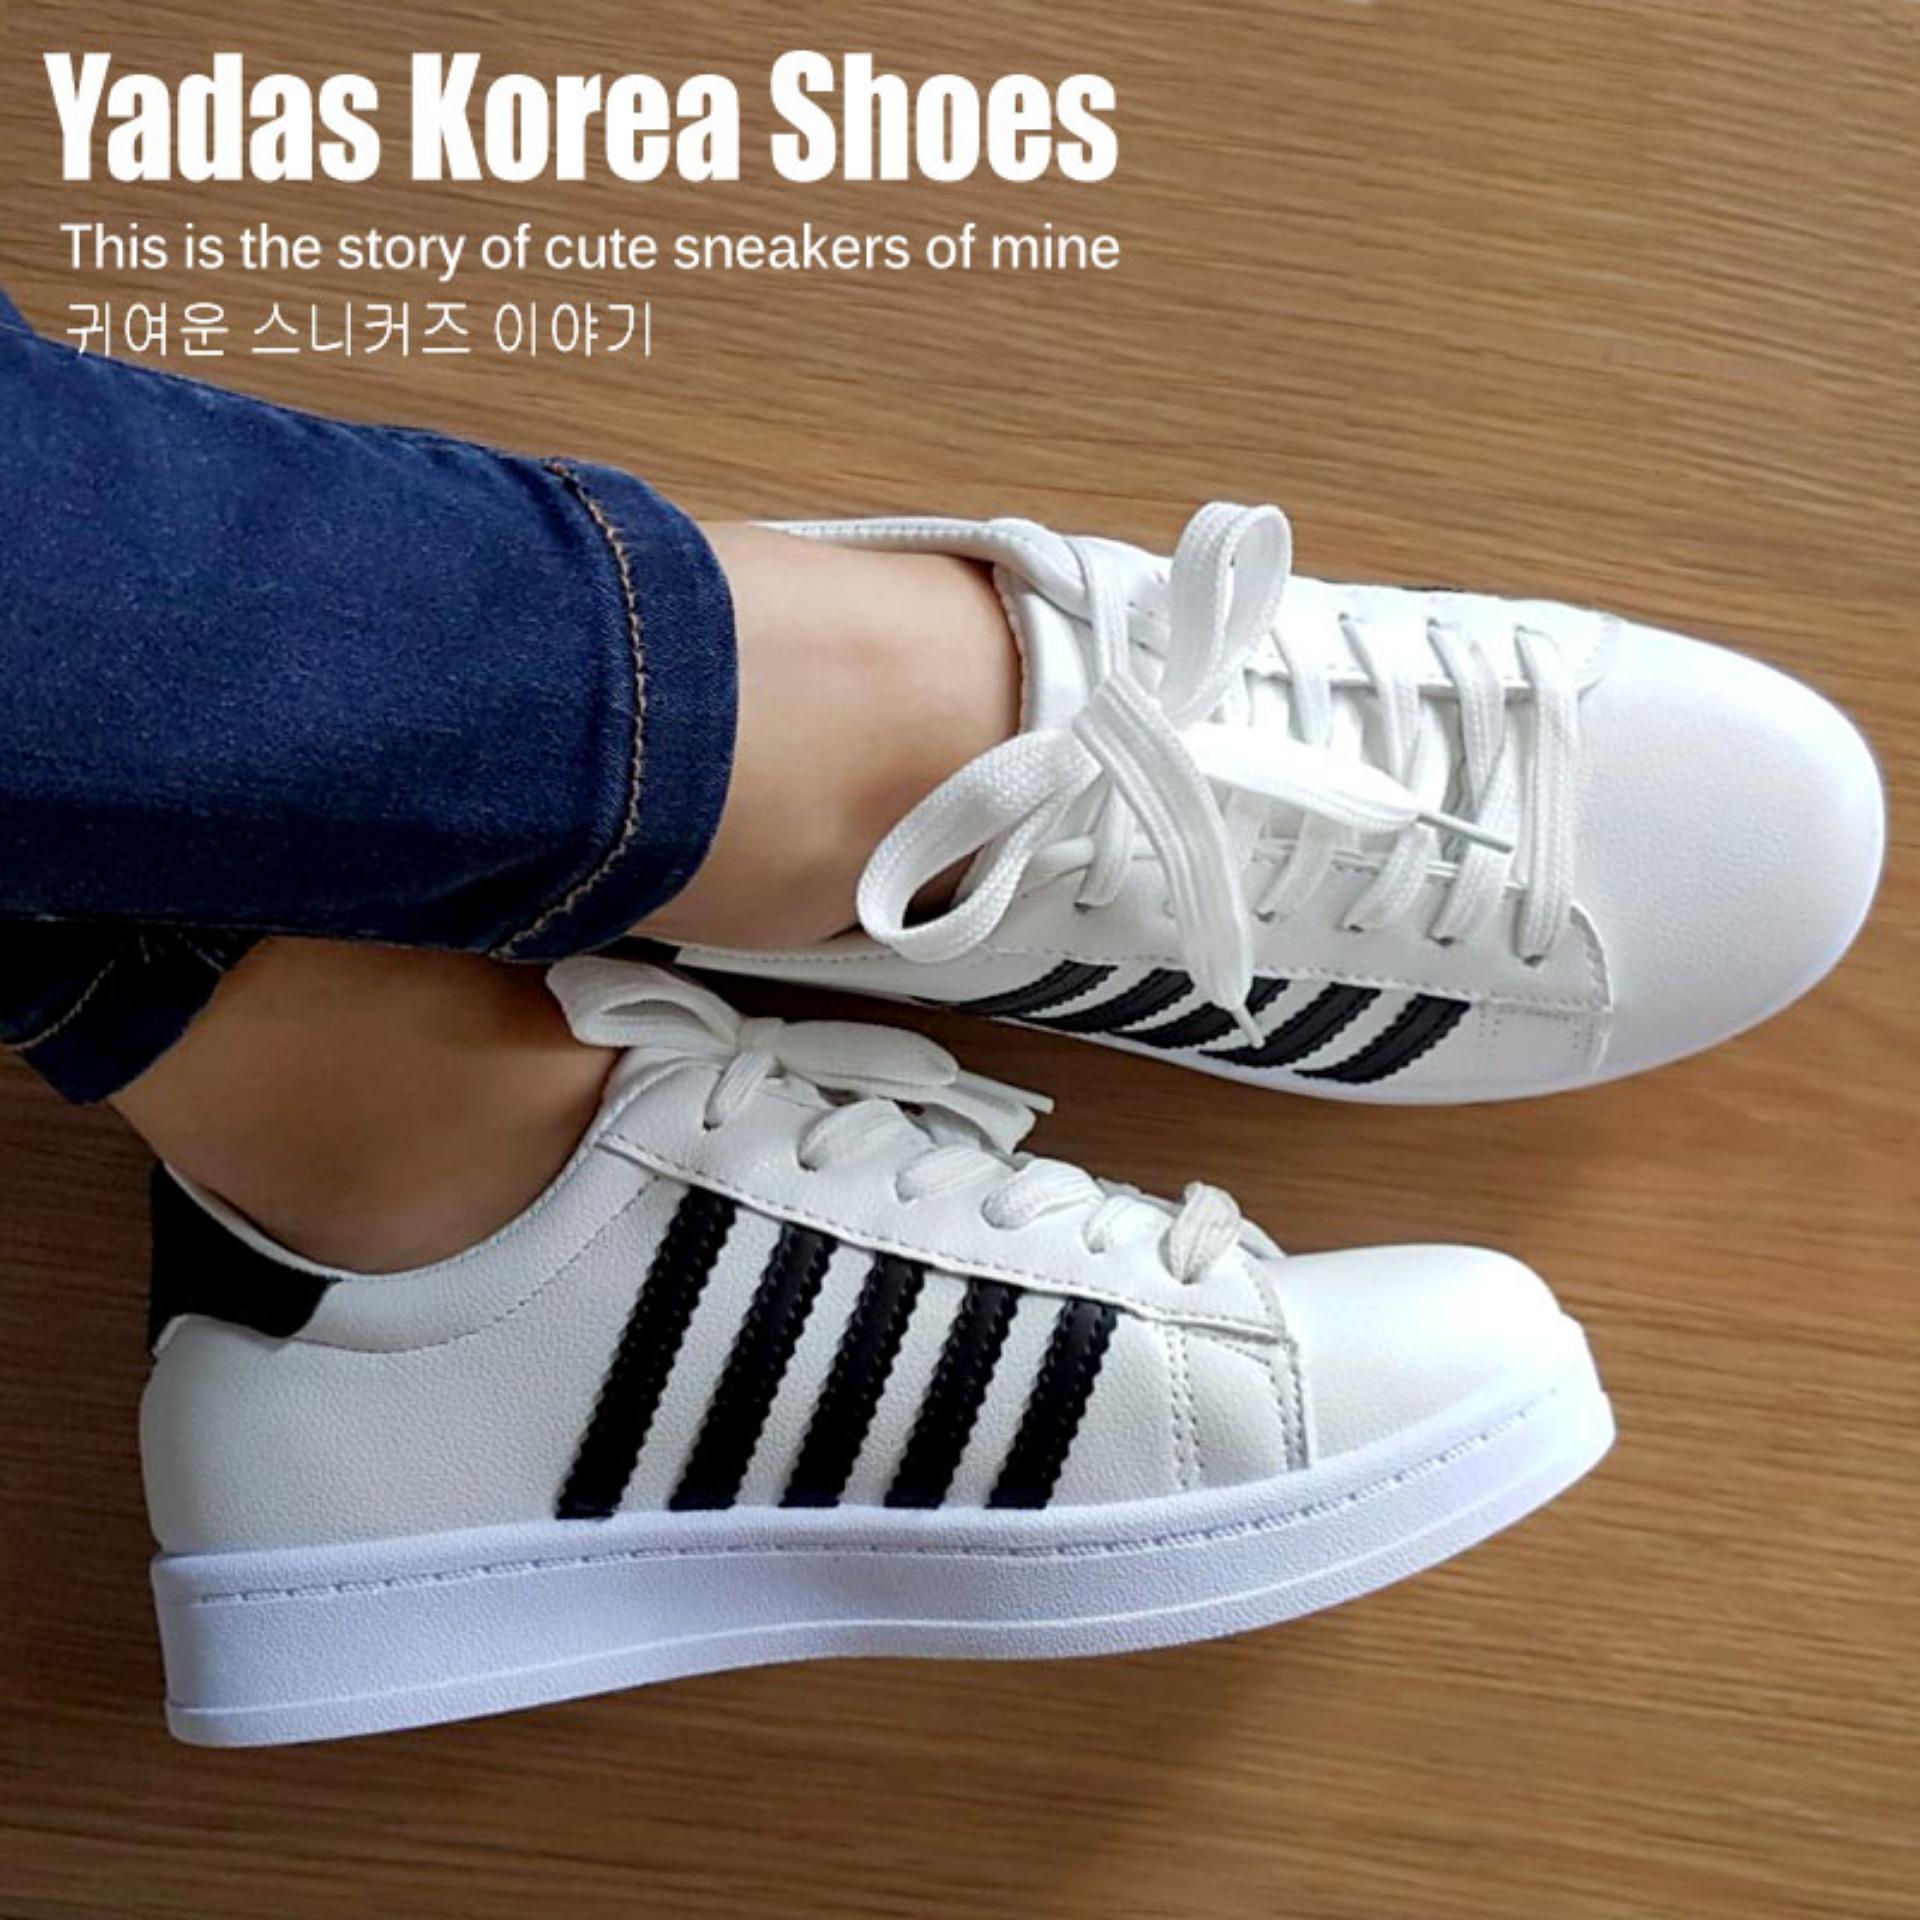 Ulasan Yadas Korea Sophia Sepatu Sneakers Wanita 5588 Black